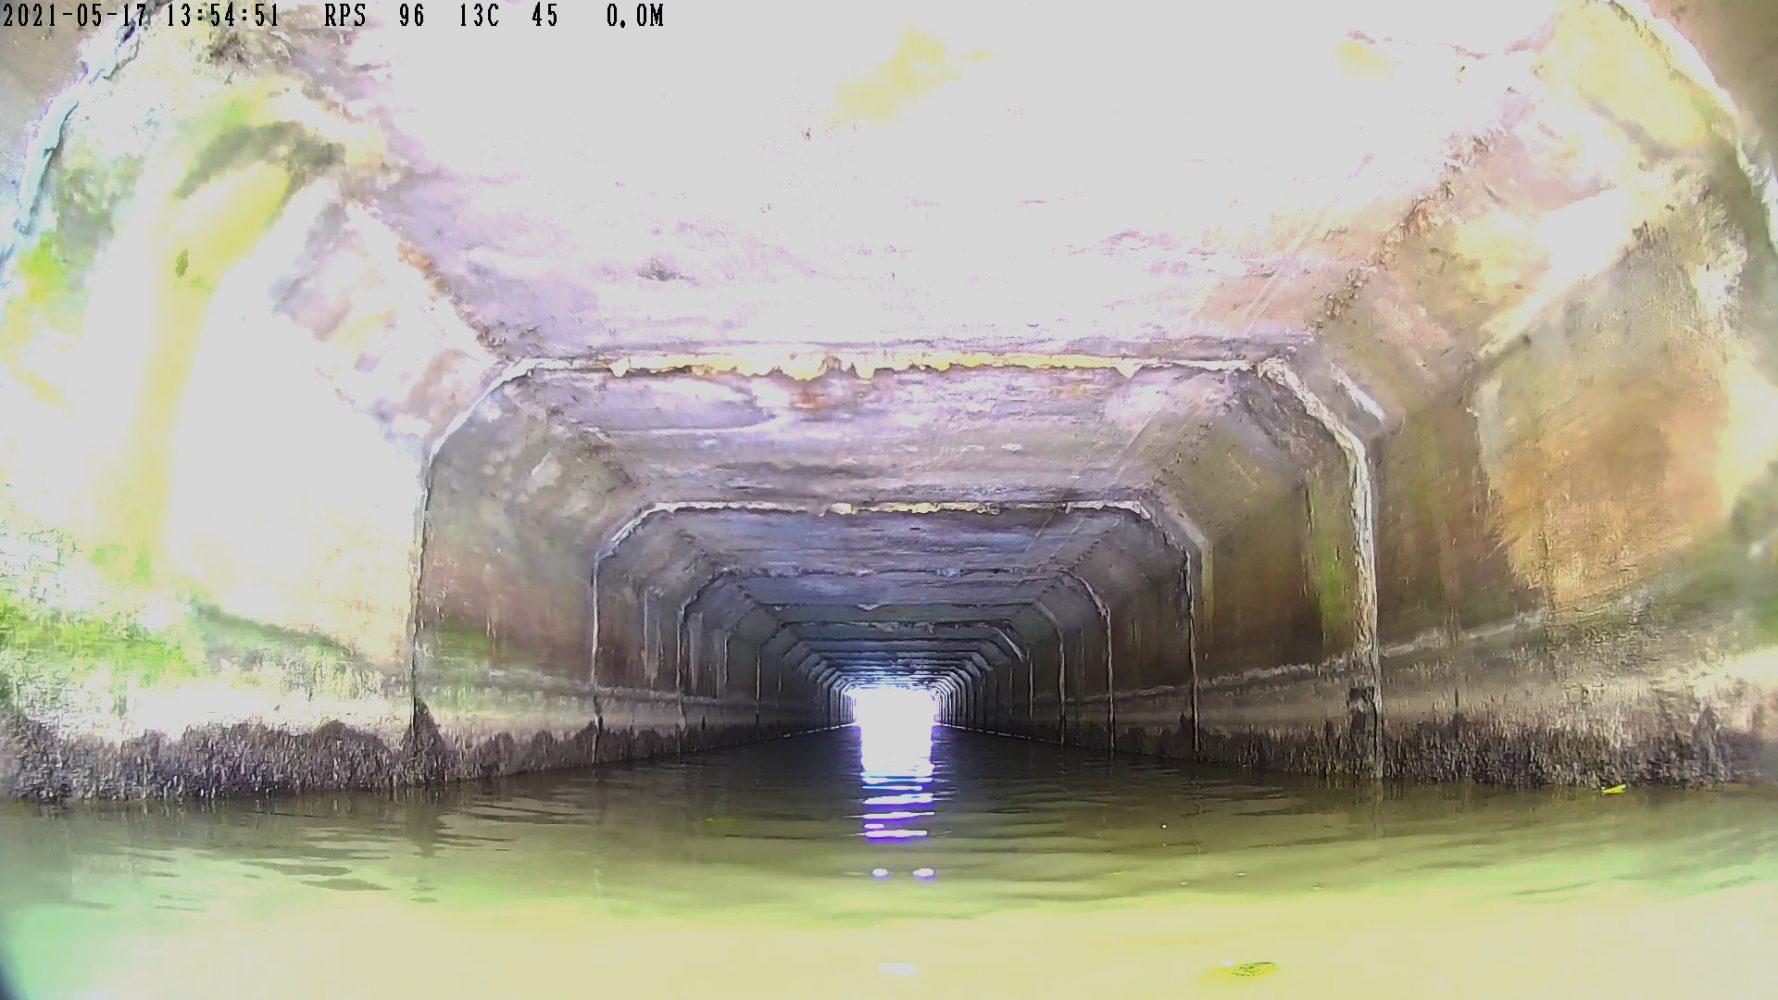 RPS-dienst-rov-onderwatercamera